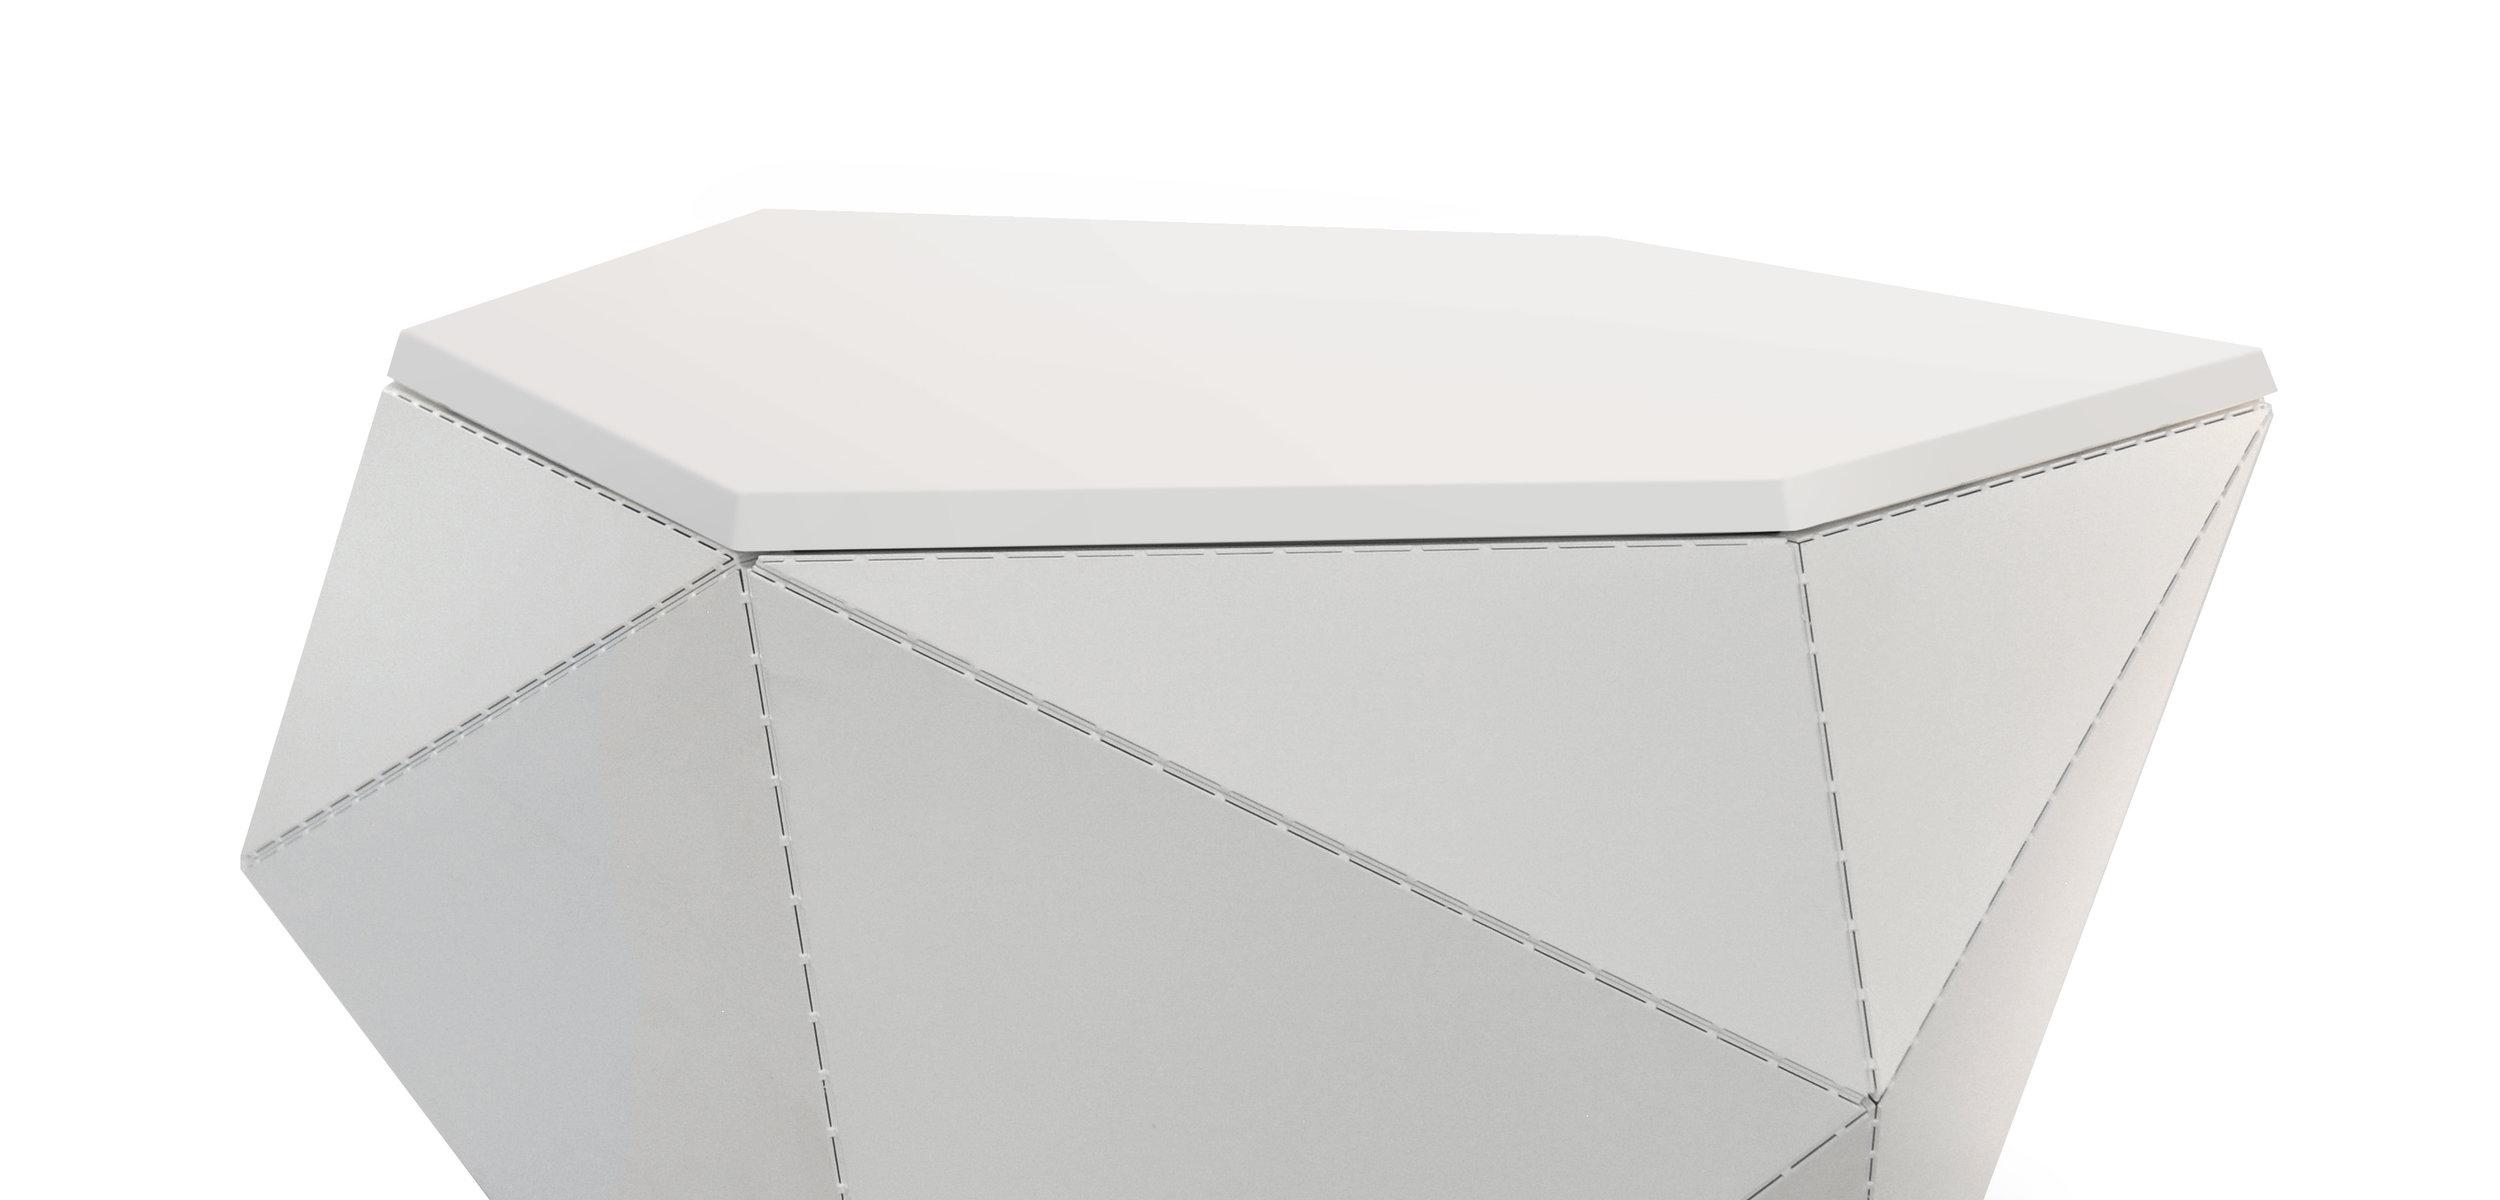 003-002 White Powdercoat - White Solid - Three Quarter.jpg